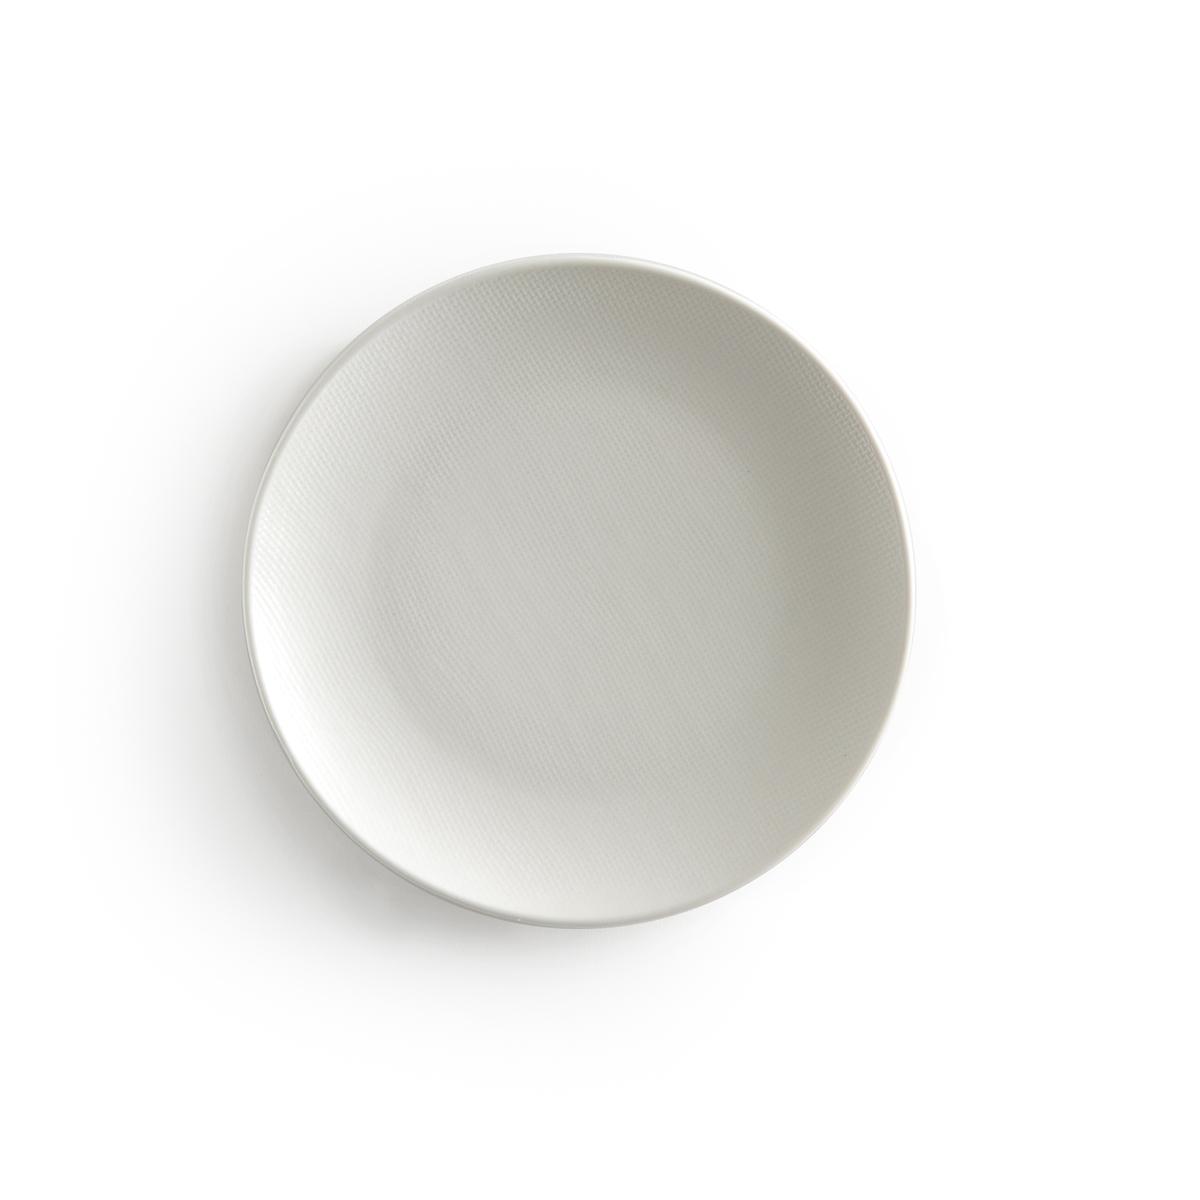 Комплект из 4 десертных тарелок из керамики, Lourette